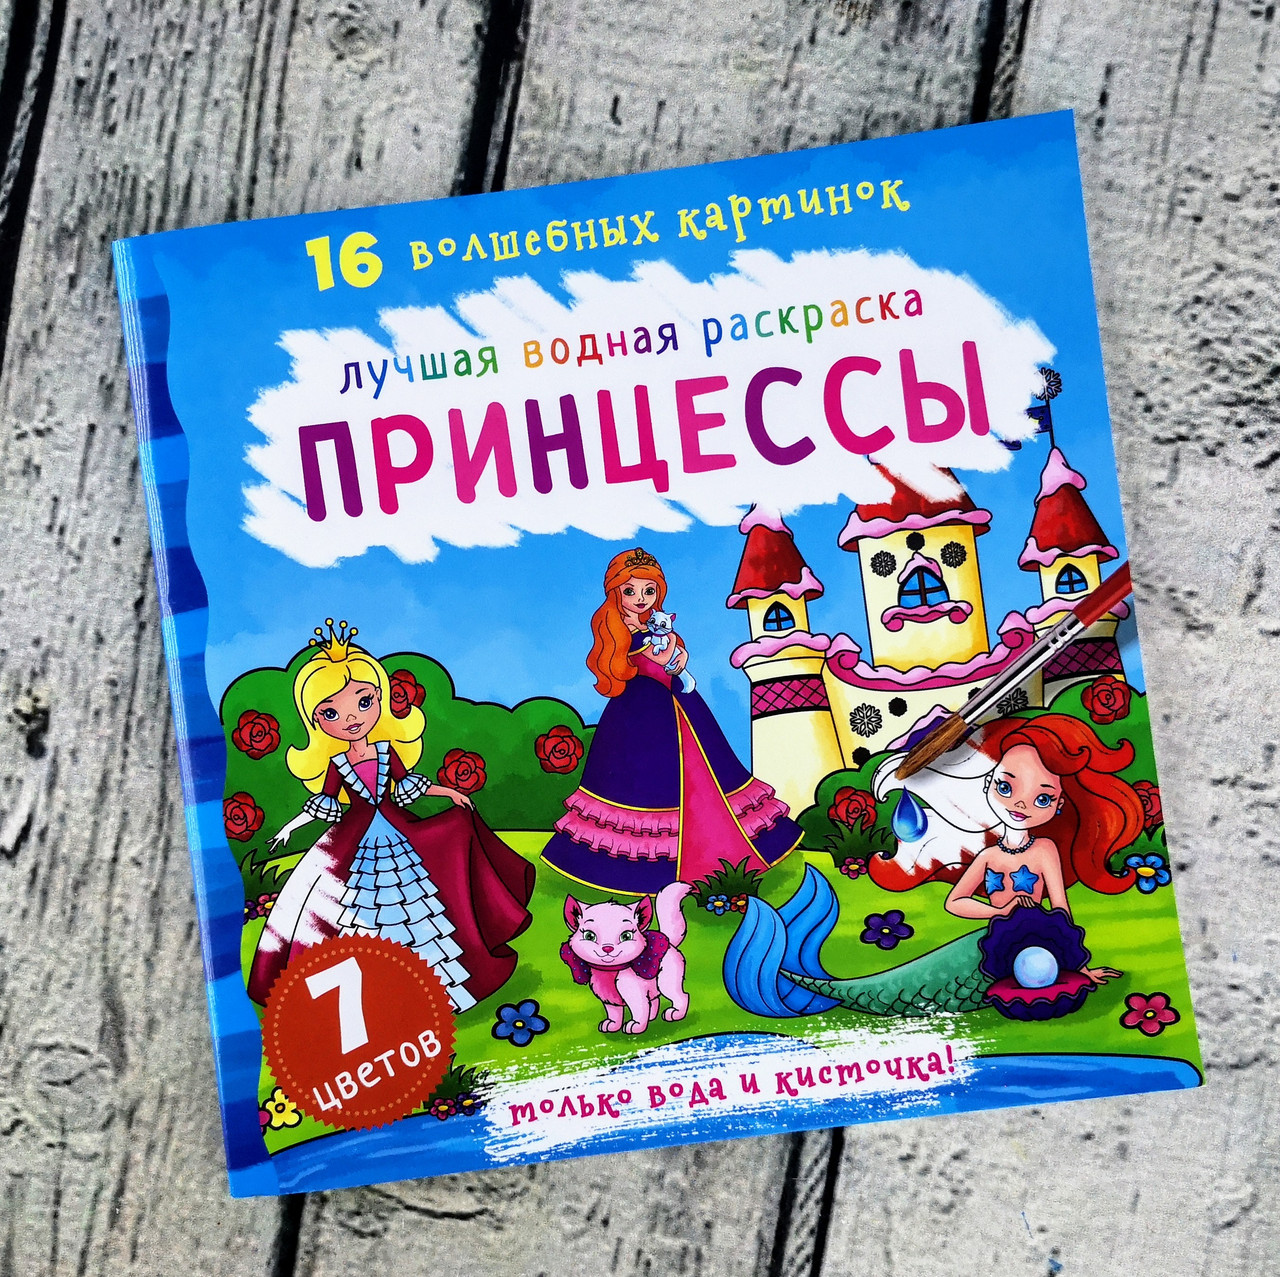 Краща водна розфарбування. Принцеси 111578 БАО Україна